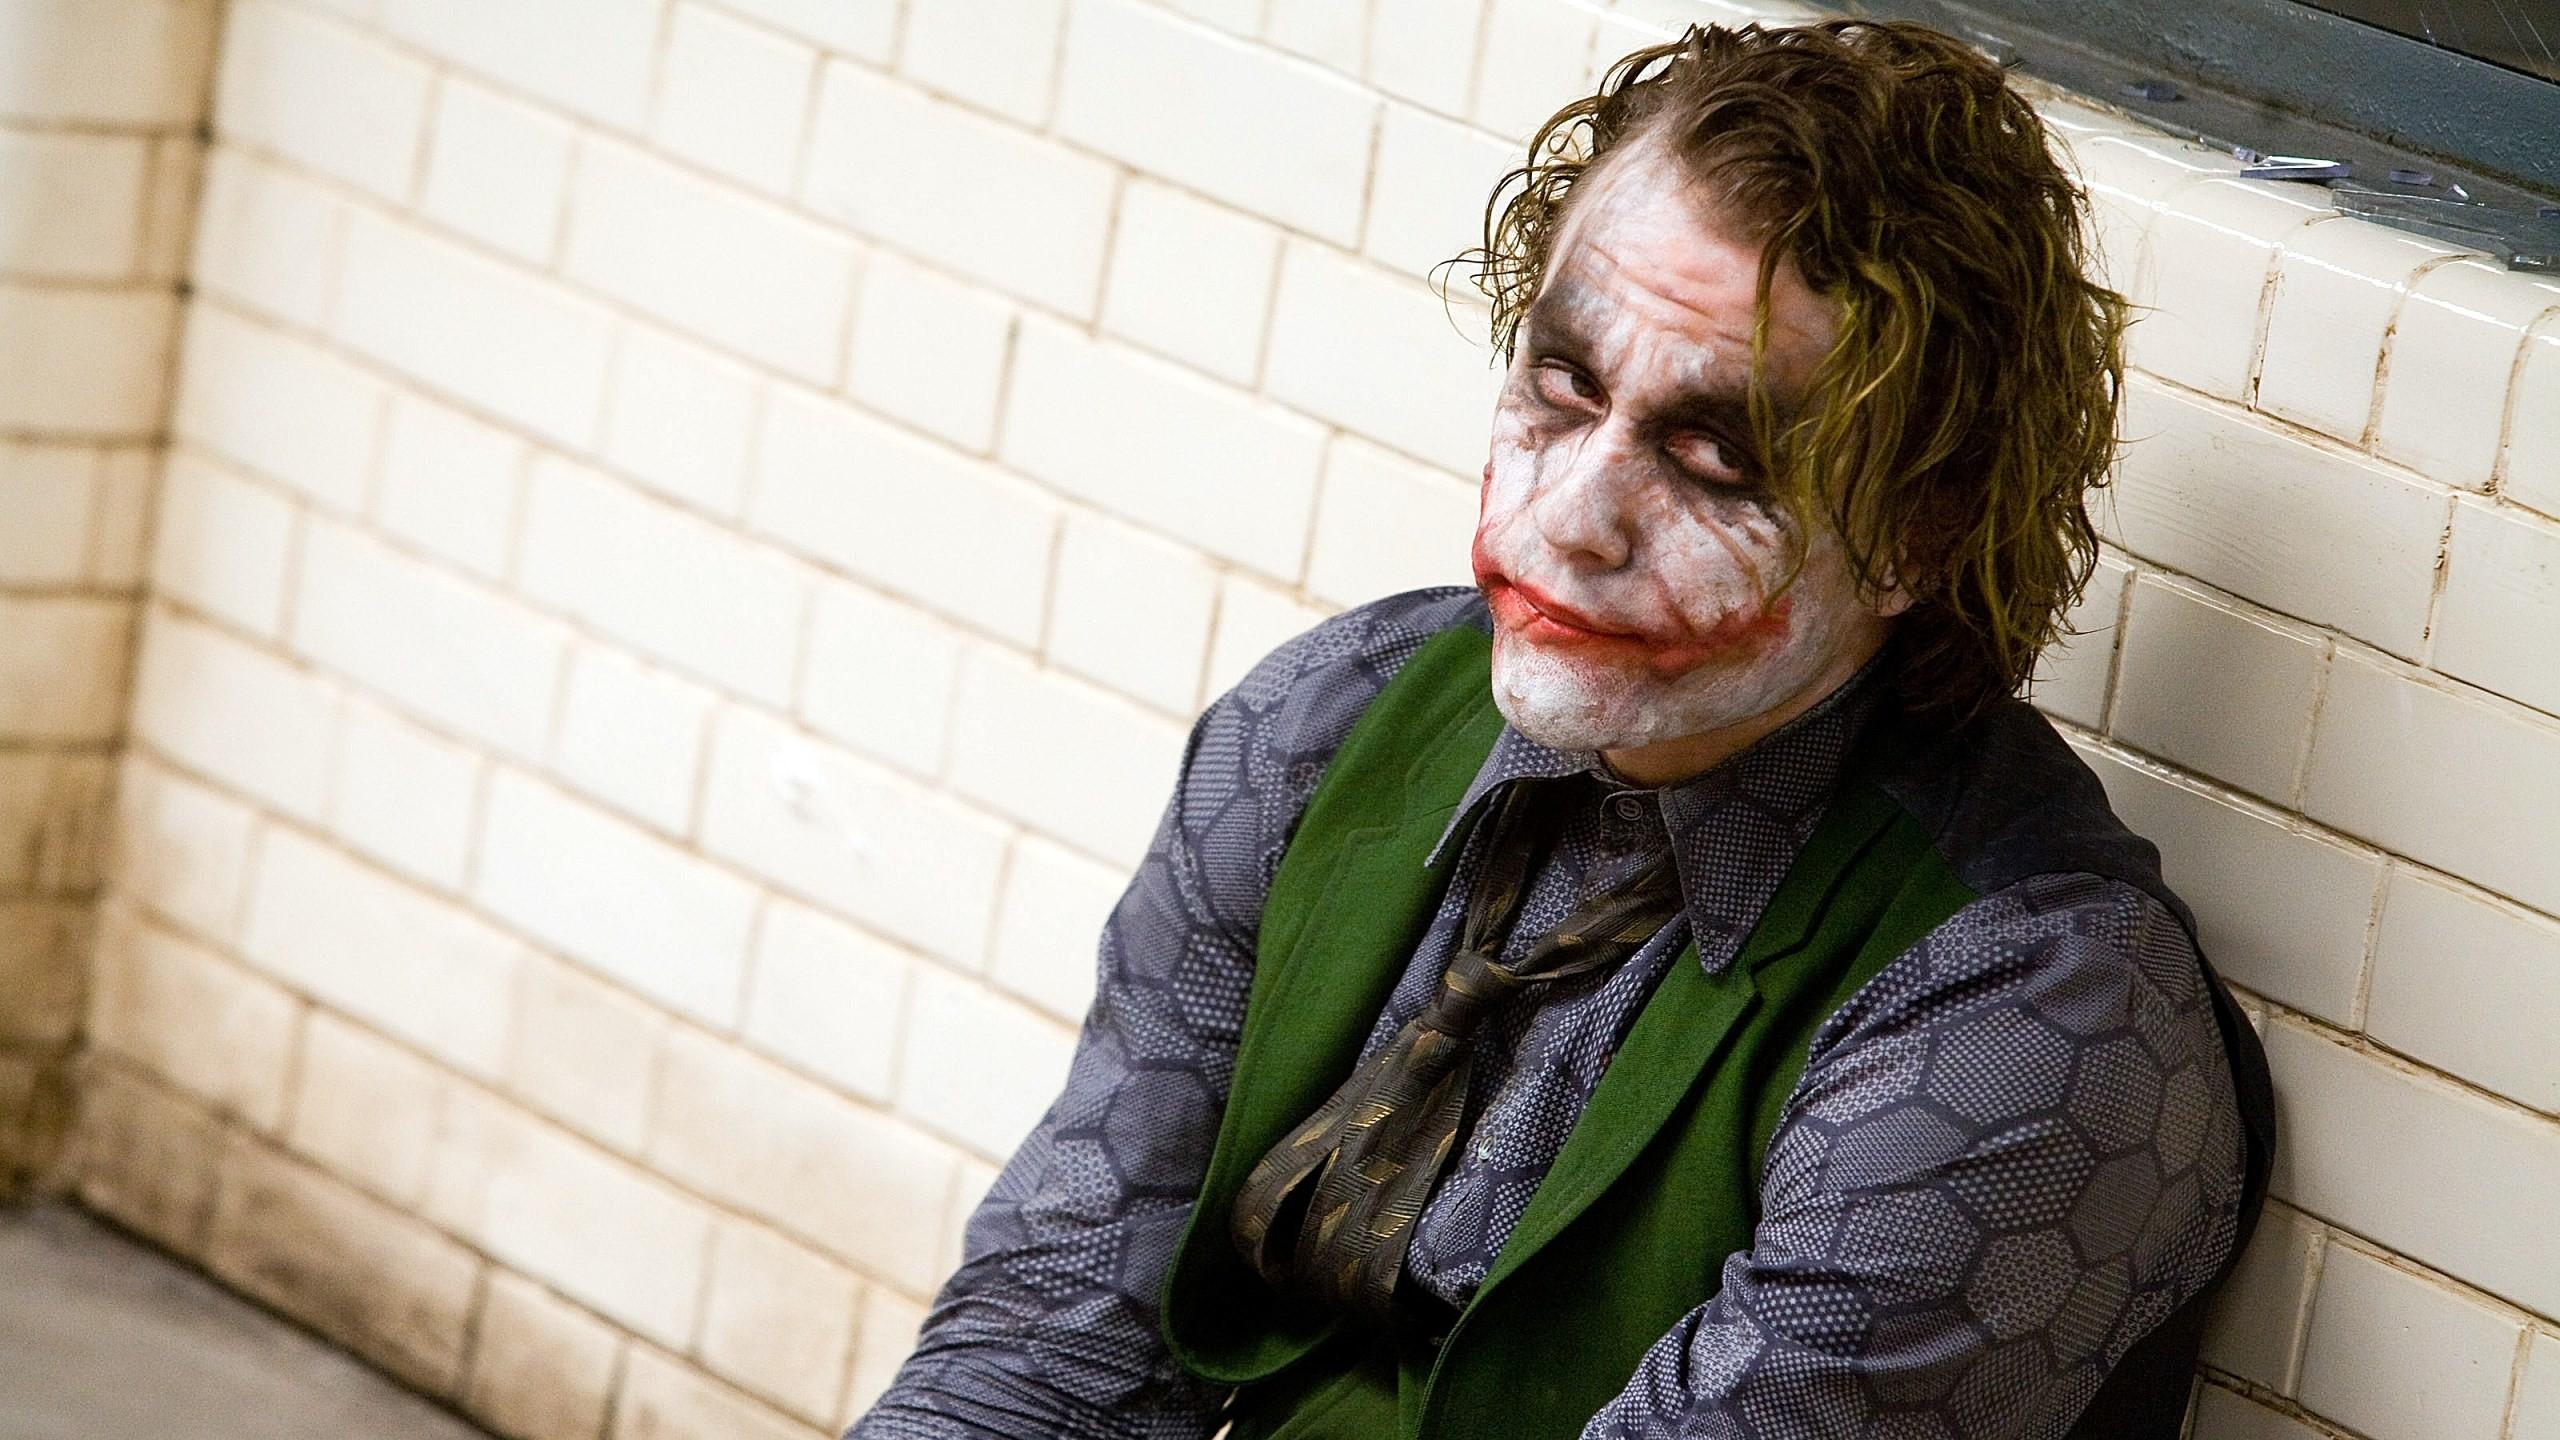 Heath Ledger Joker Wallpaper Hd Data Src Joker Heath Ledger Film